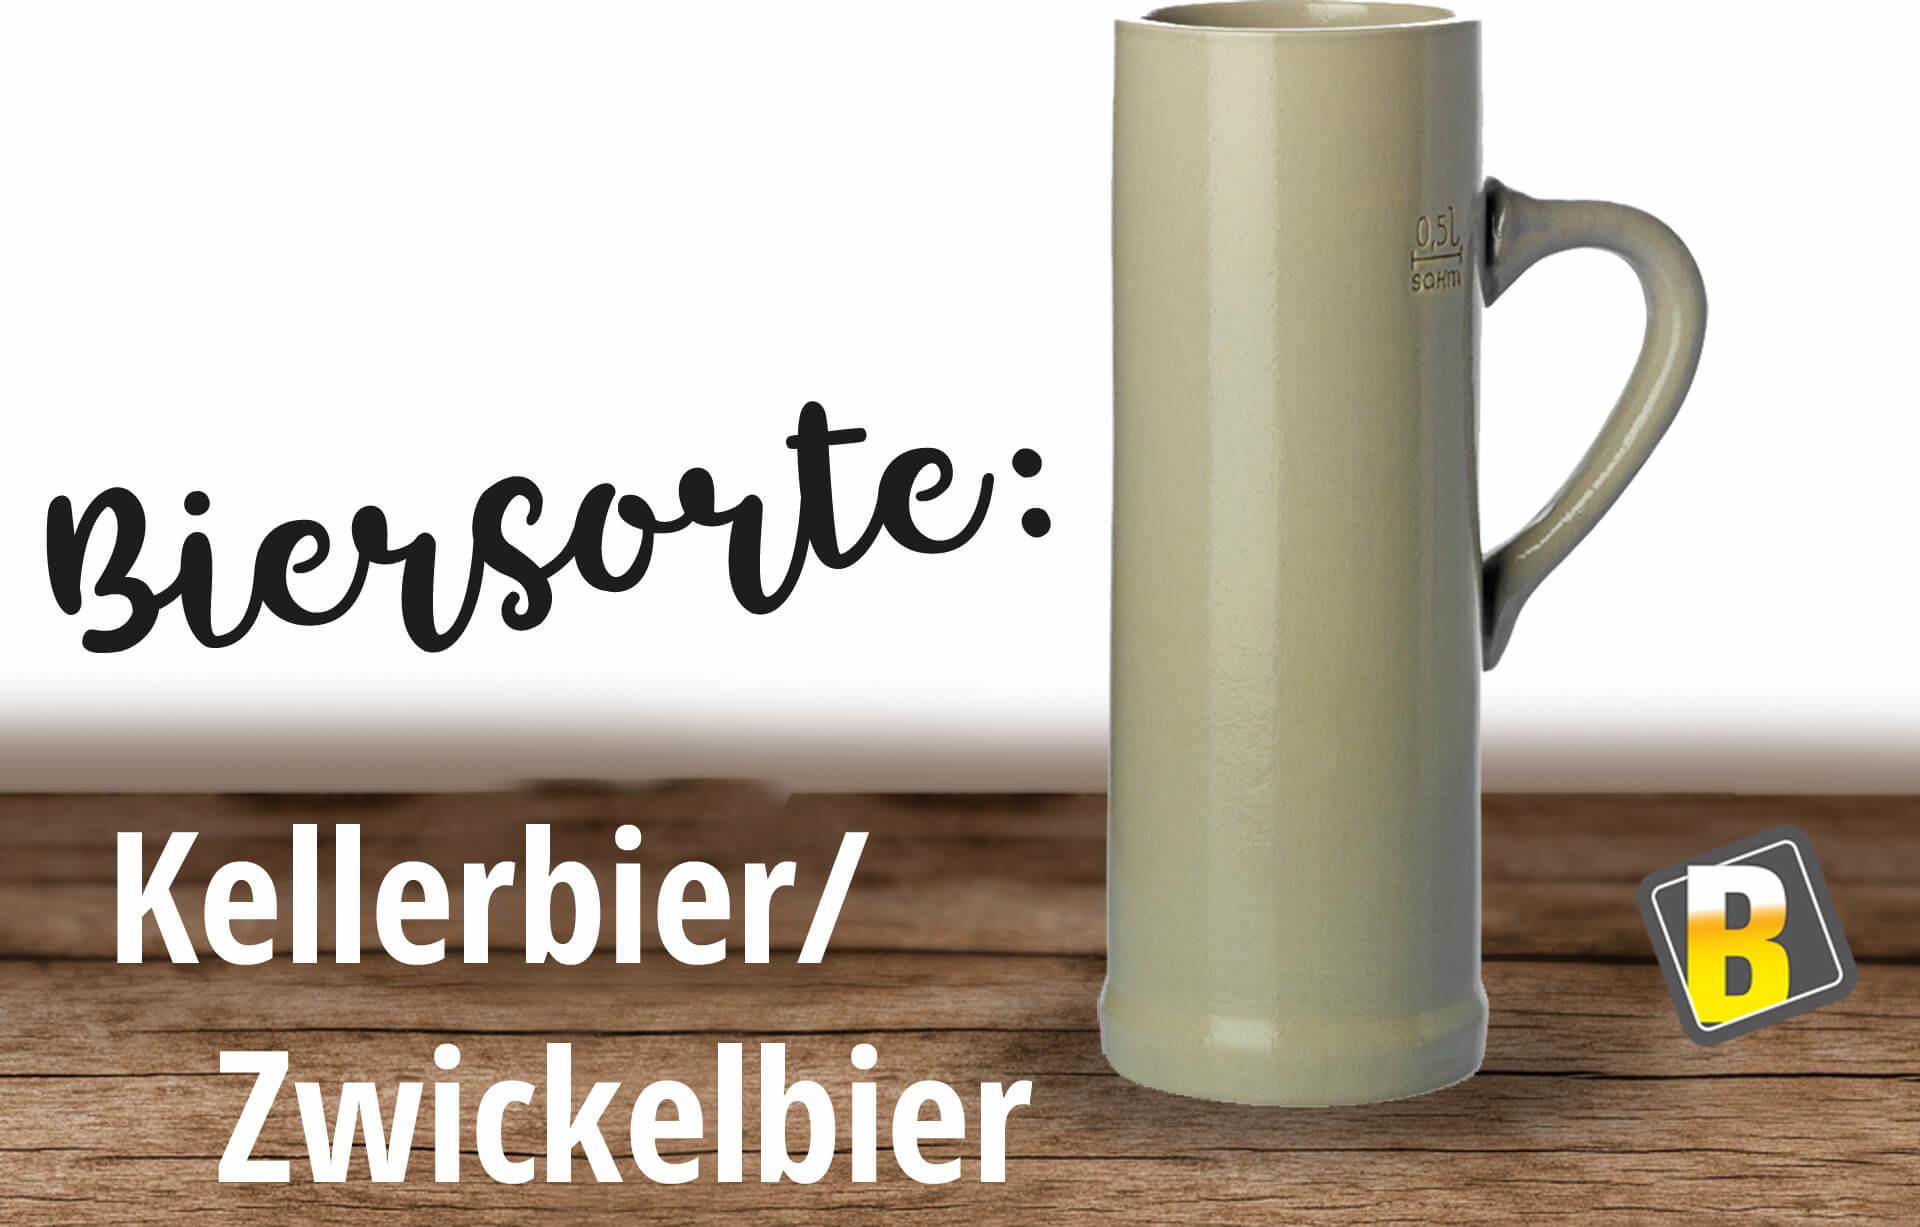 Die fränkischen Bierstile: KELLERBIER/ZWICKEL